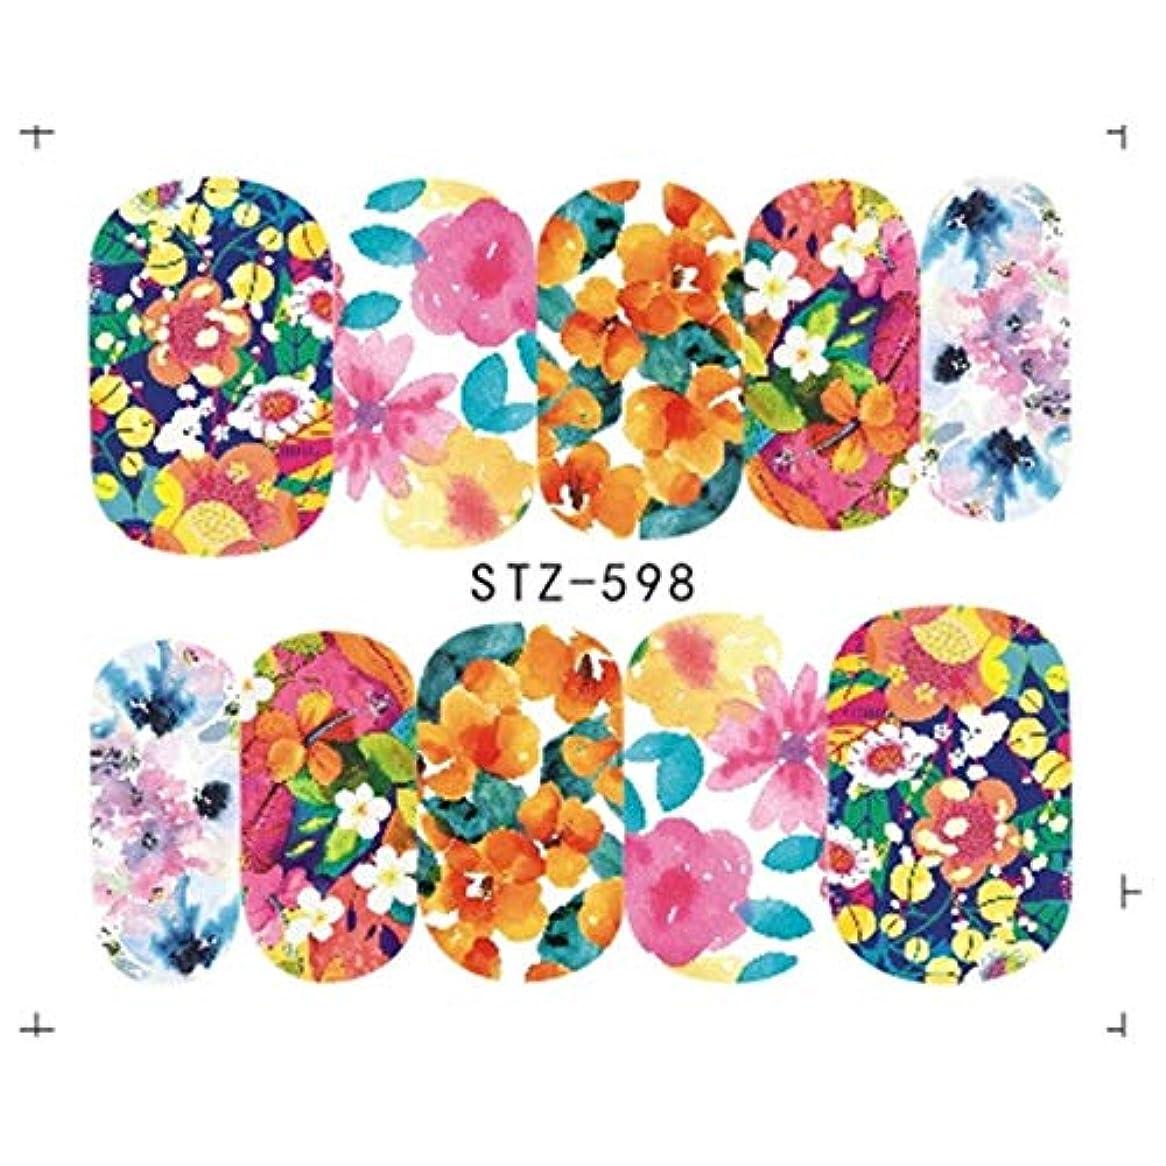 カメラ岸罪SUKTI&XIAO ネイルステッカー 1ピース咲く花フローラ水転写ネイルアートステッカーデカールスライダーマニキュアラップツールチップ装飾